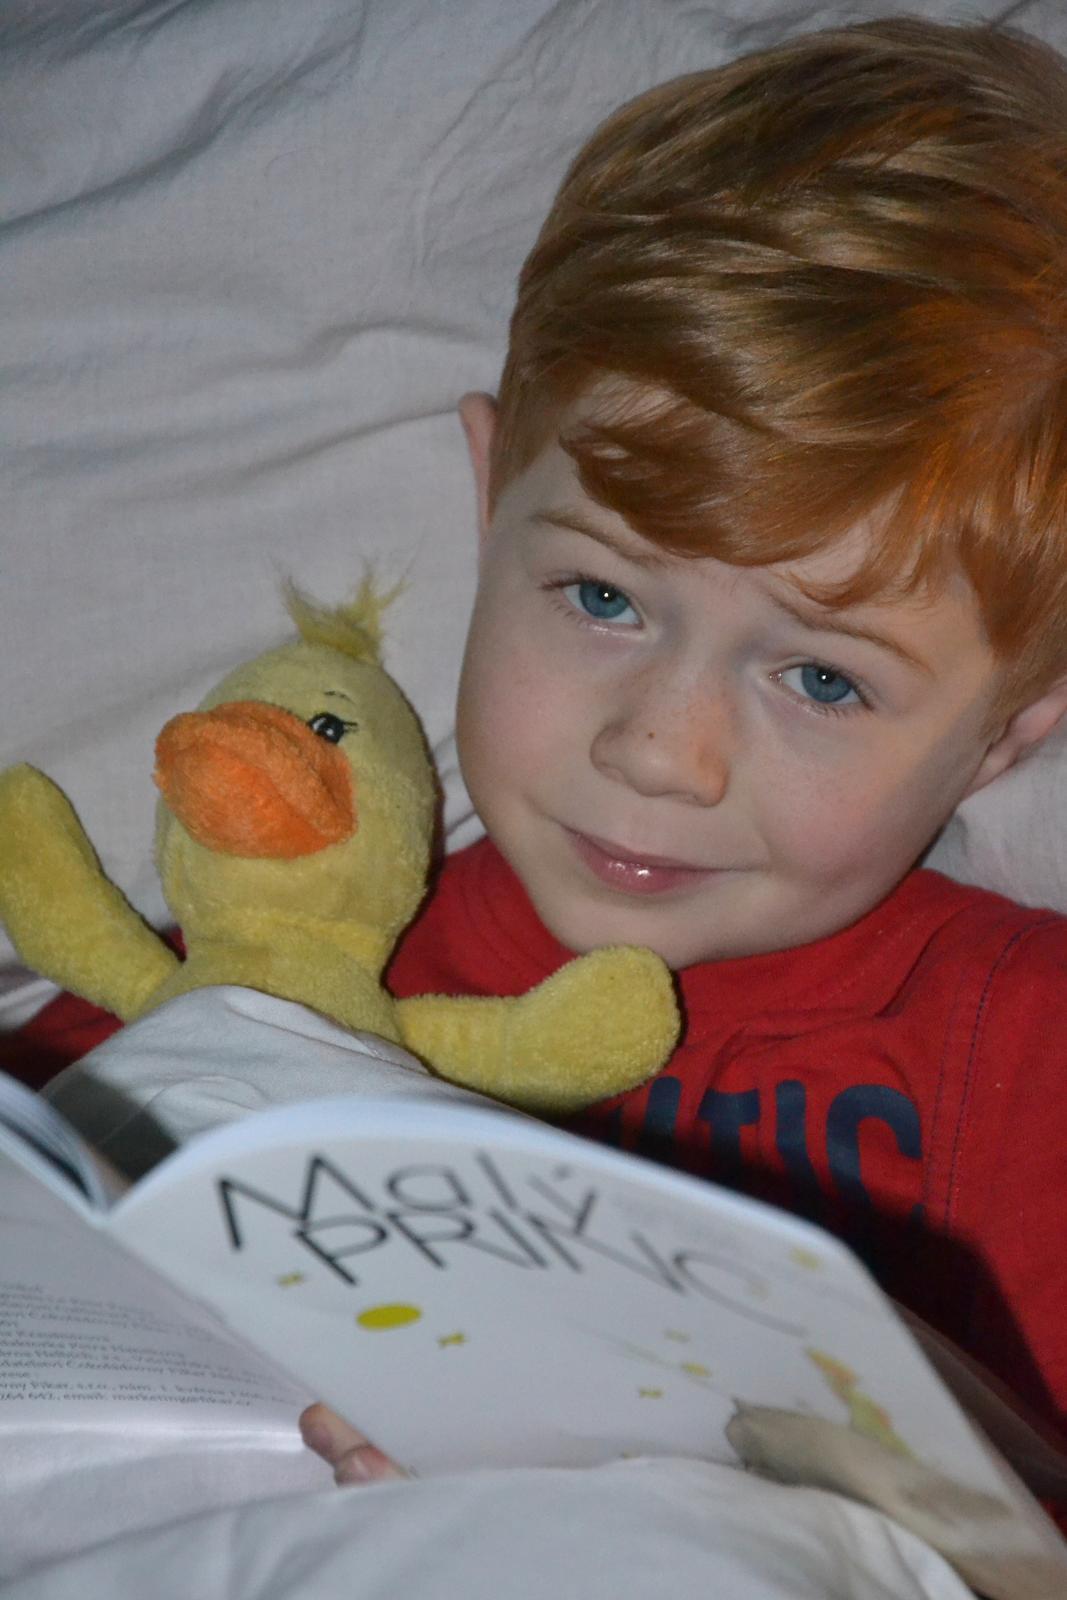 U nás doma v paneláku II. - a můj malý princ....tak moc se na Vánoce s ním těšíme...